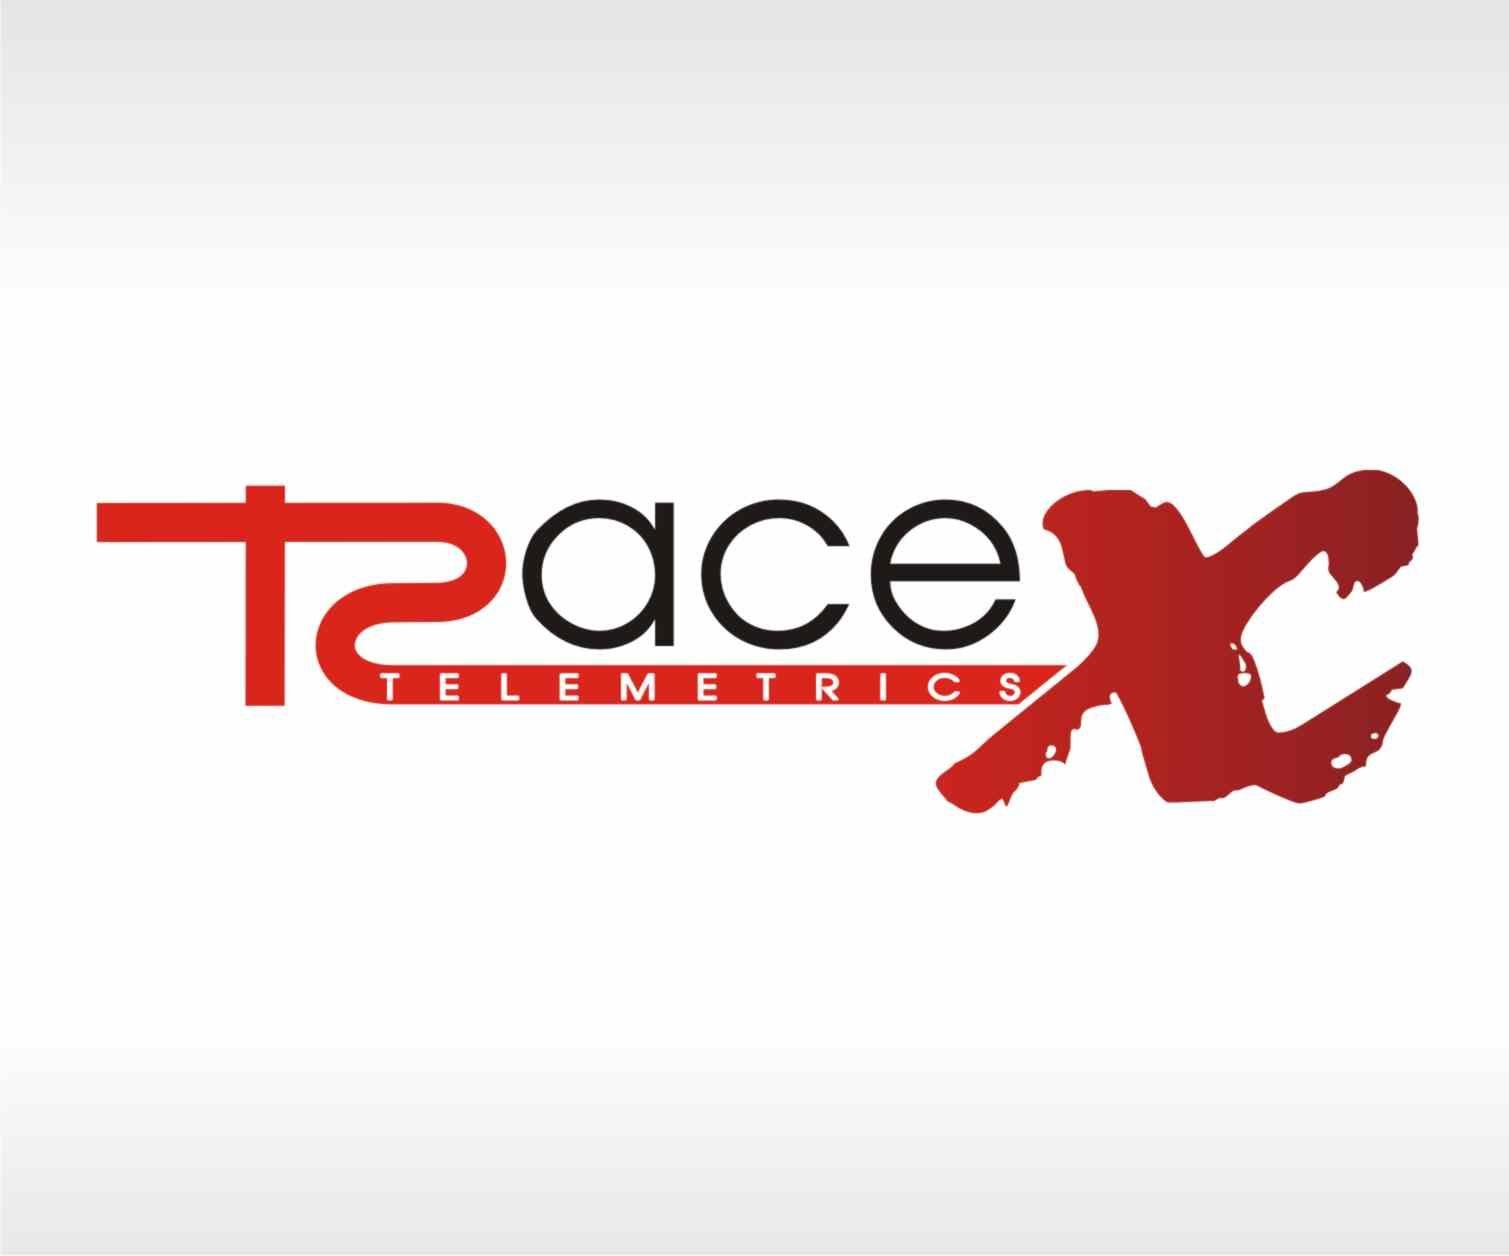 Логотип RaceX Telemetrics  - дизайнер psi_33